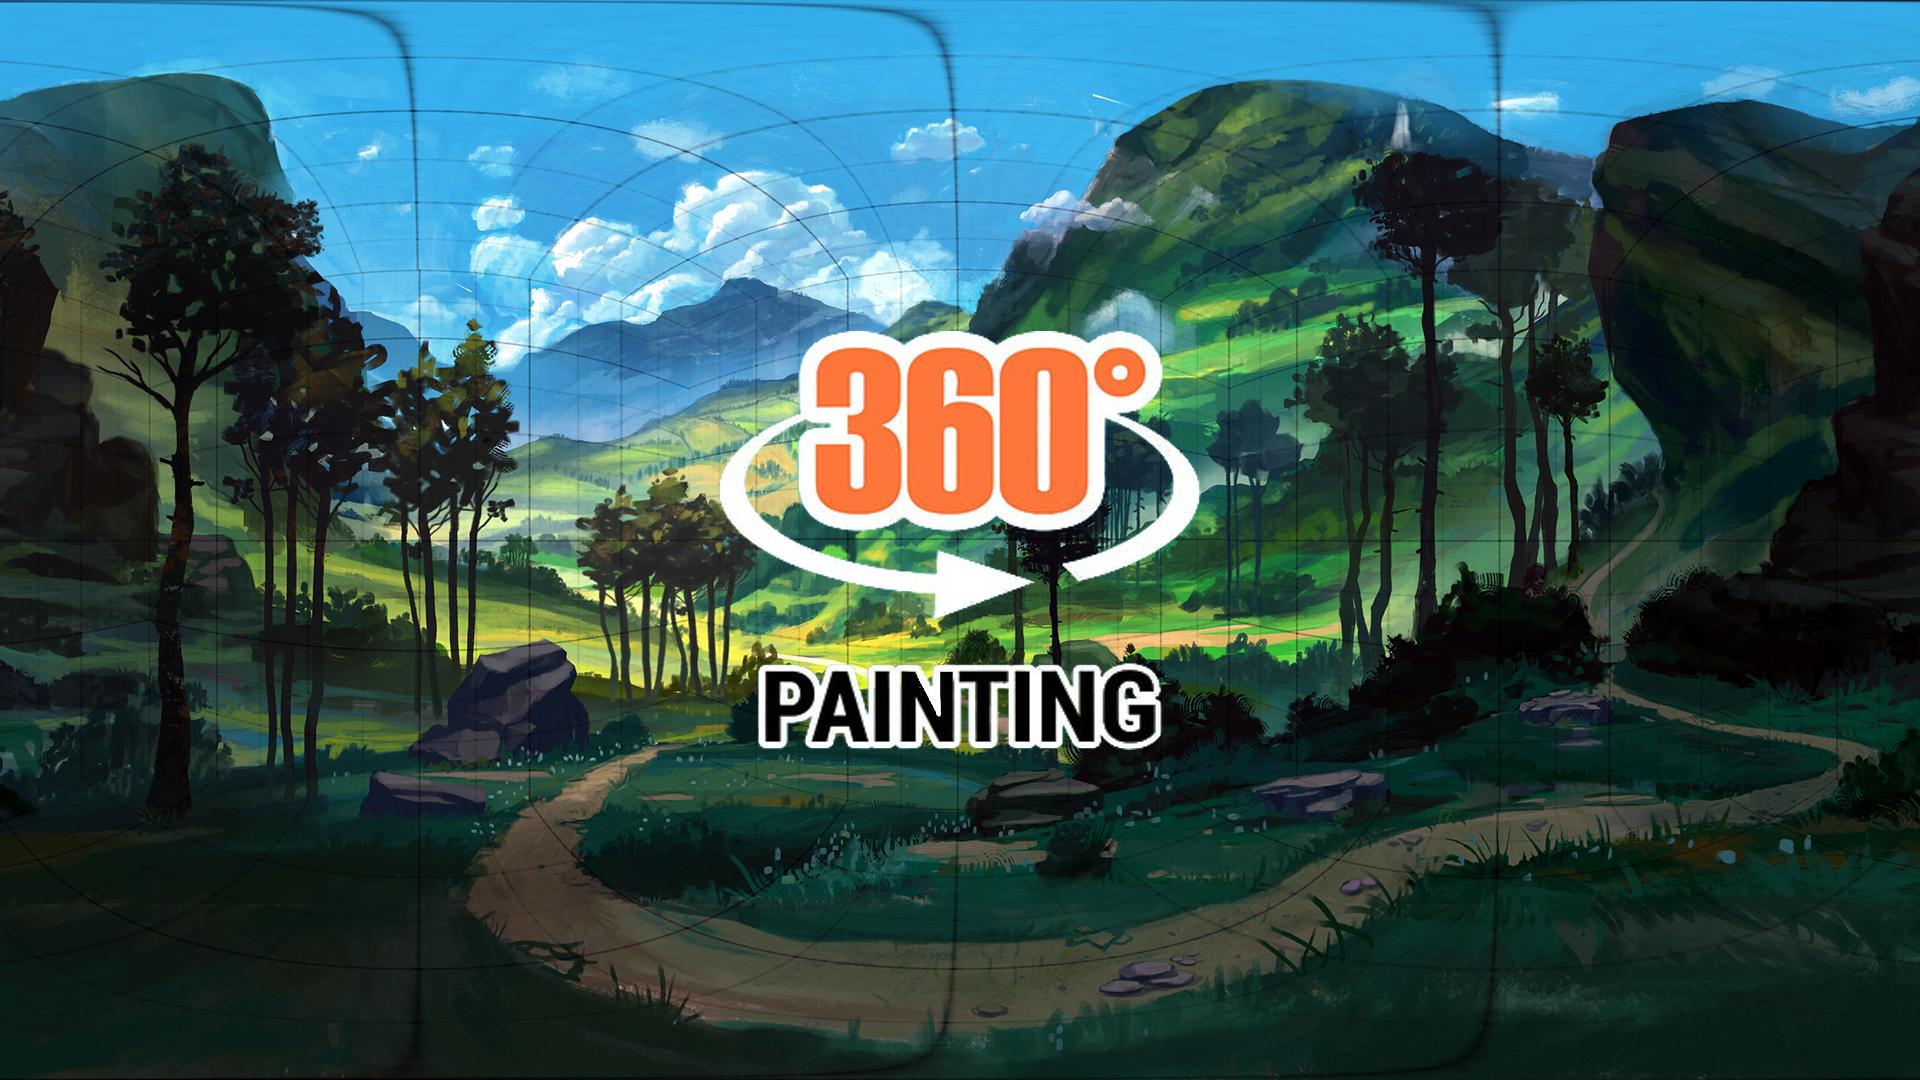 Урок: 360 изображение в Photoshop